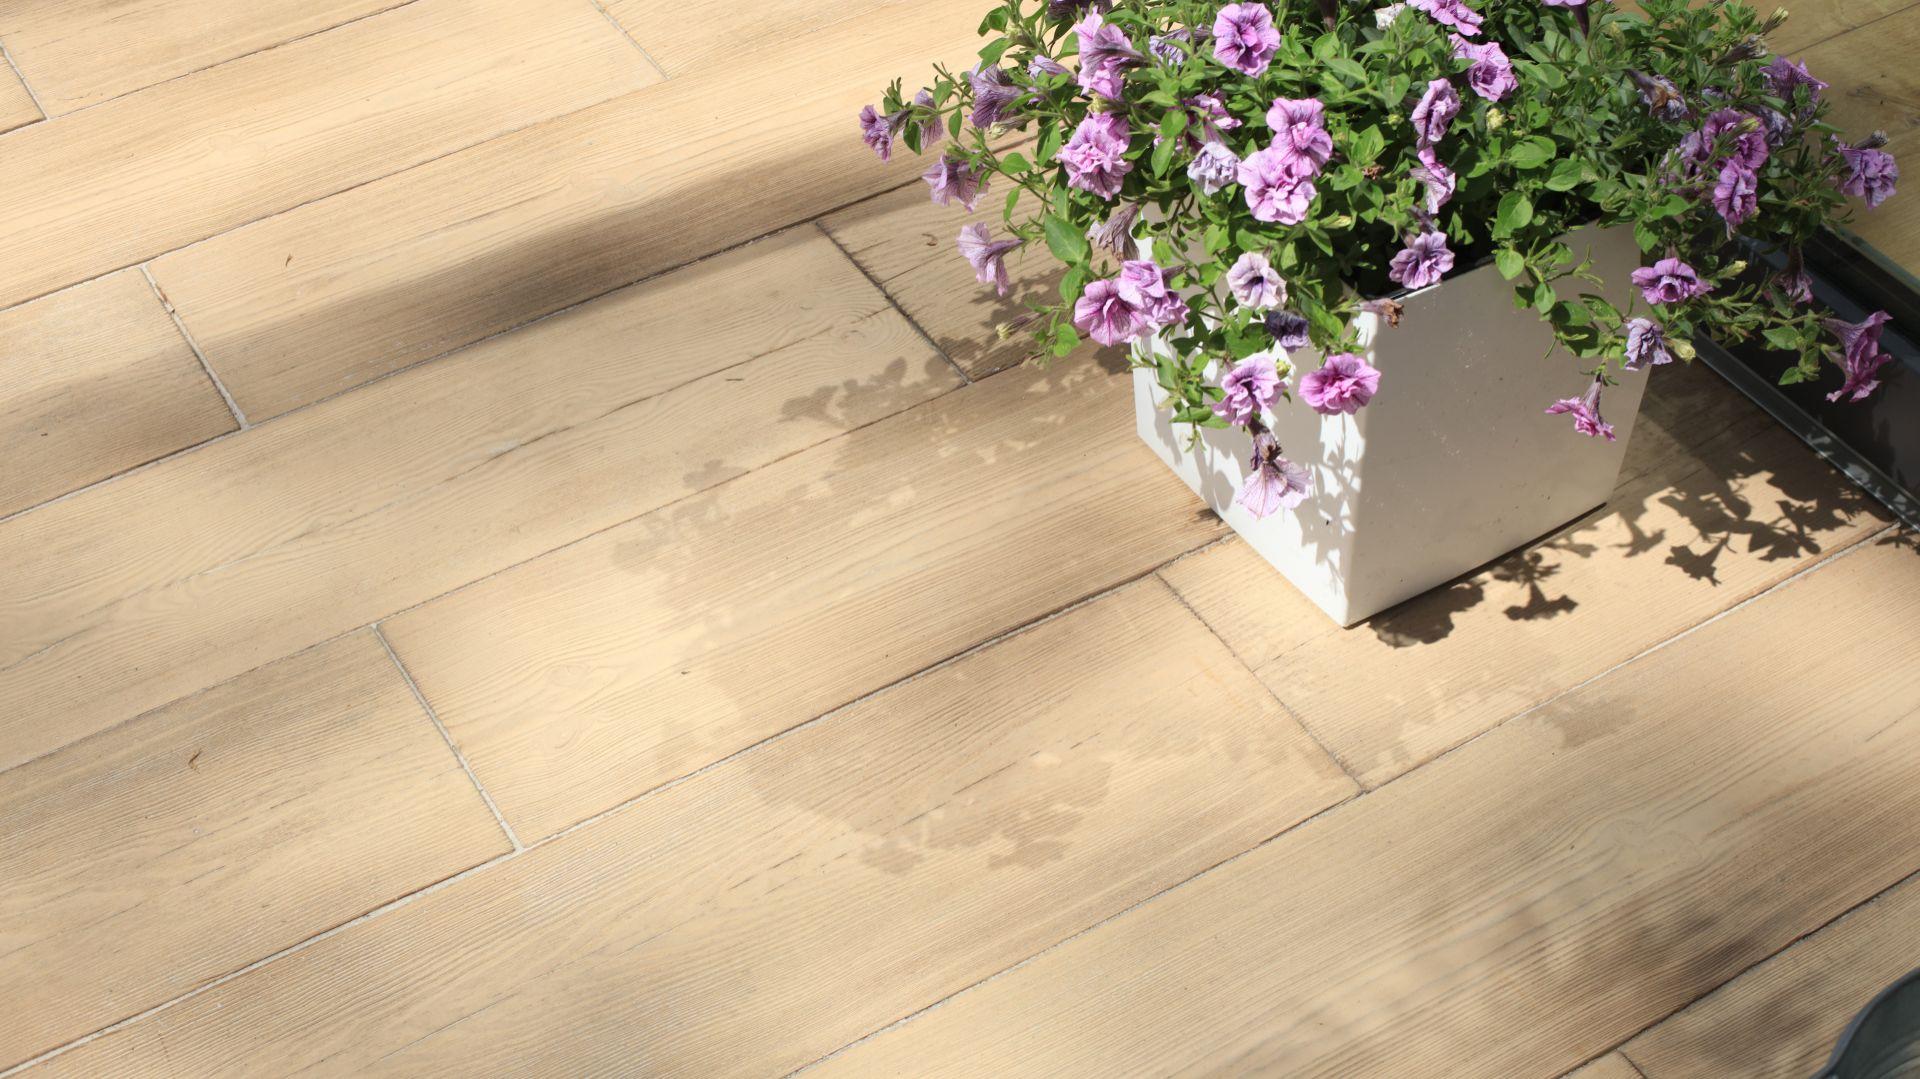 Na tarasie najważniejsza jest podłoga. Dlaczego? Odsłonięta strefa dzienna domu jak żadna inna narażona jest na działanie wody oraz niekorzystnych czynników atmosferycznych. Fot. Polbruk